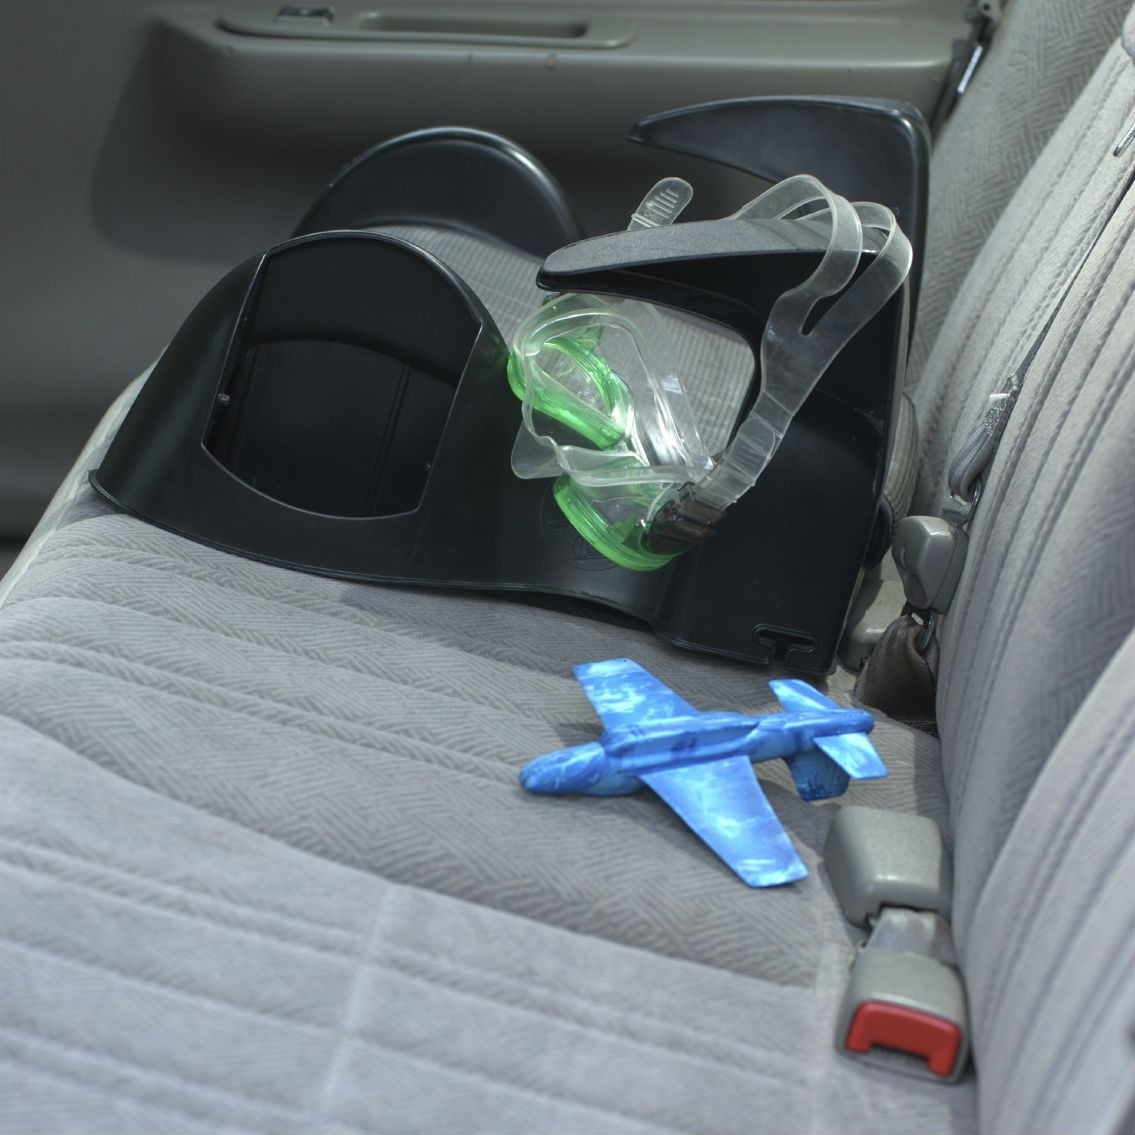 """Maxi-Cosi recalls """"dud"""" child car seats: Four lessons in crisis management"""